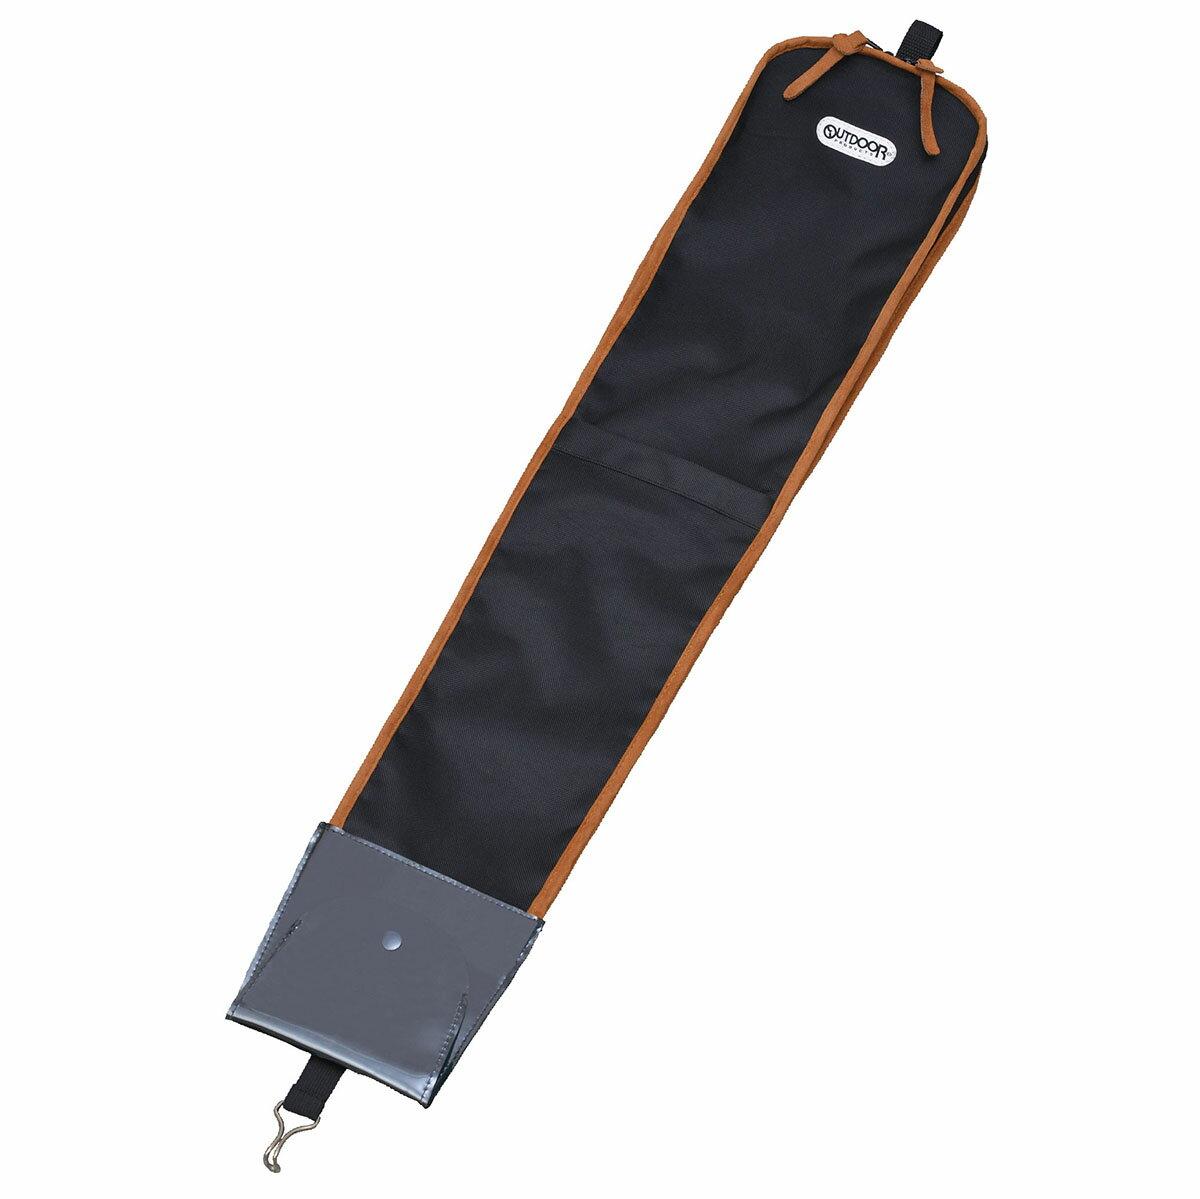 【 OUTDOOR PRODUCTS 】傘入れケース for car OD18 セイワ seiwa 傘入れ ホルダー 車 車内 傘立て 濡れない 3本同時収納 カサ かさ 便利グッズ カー用品 アウトドア プロダクツ